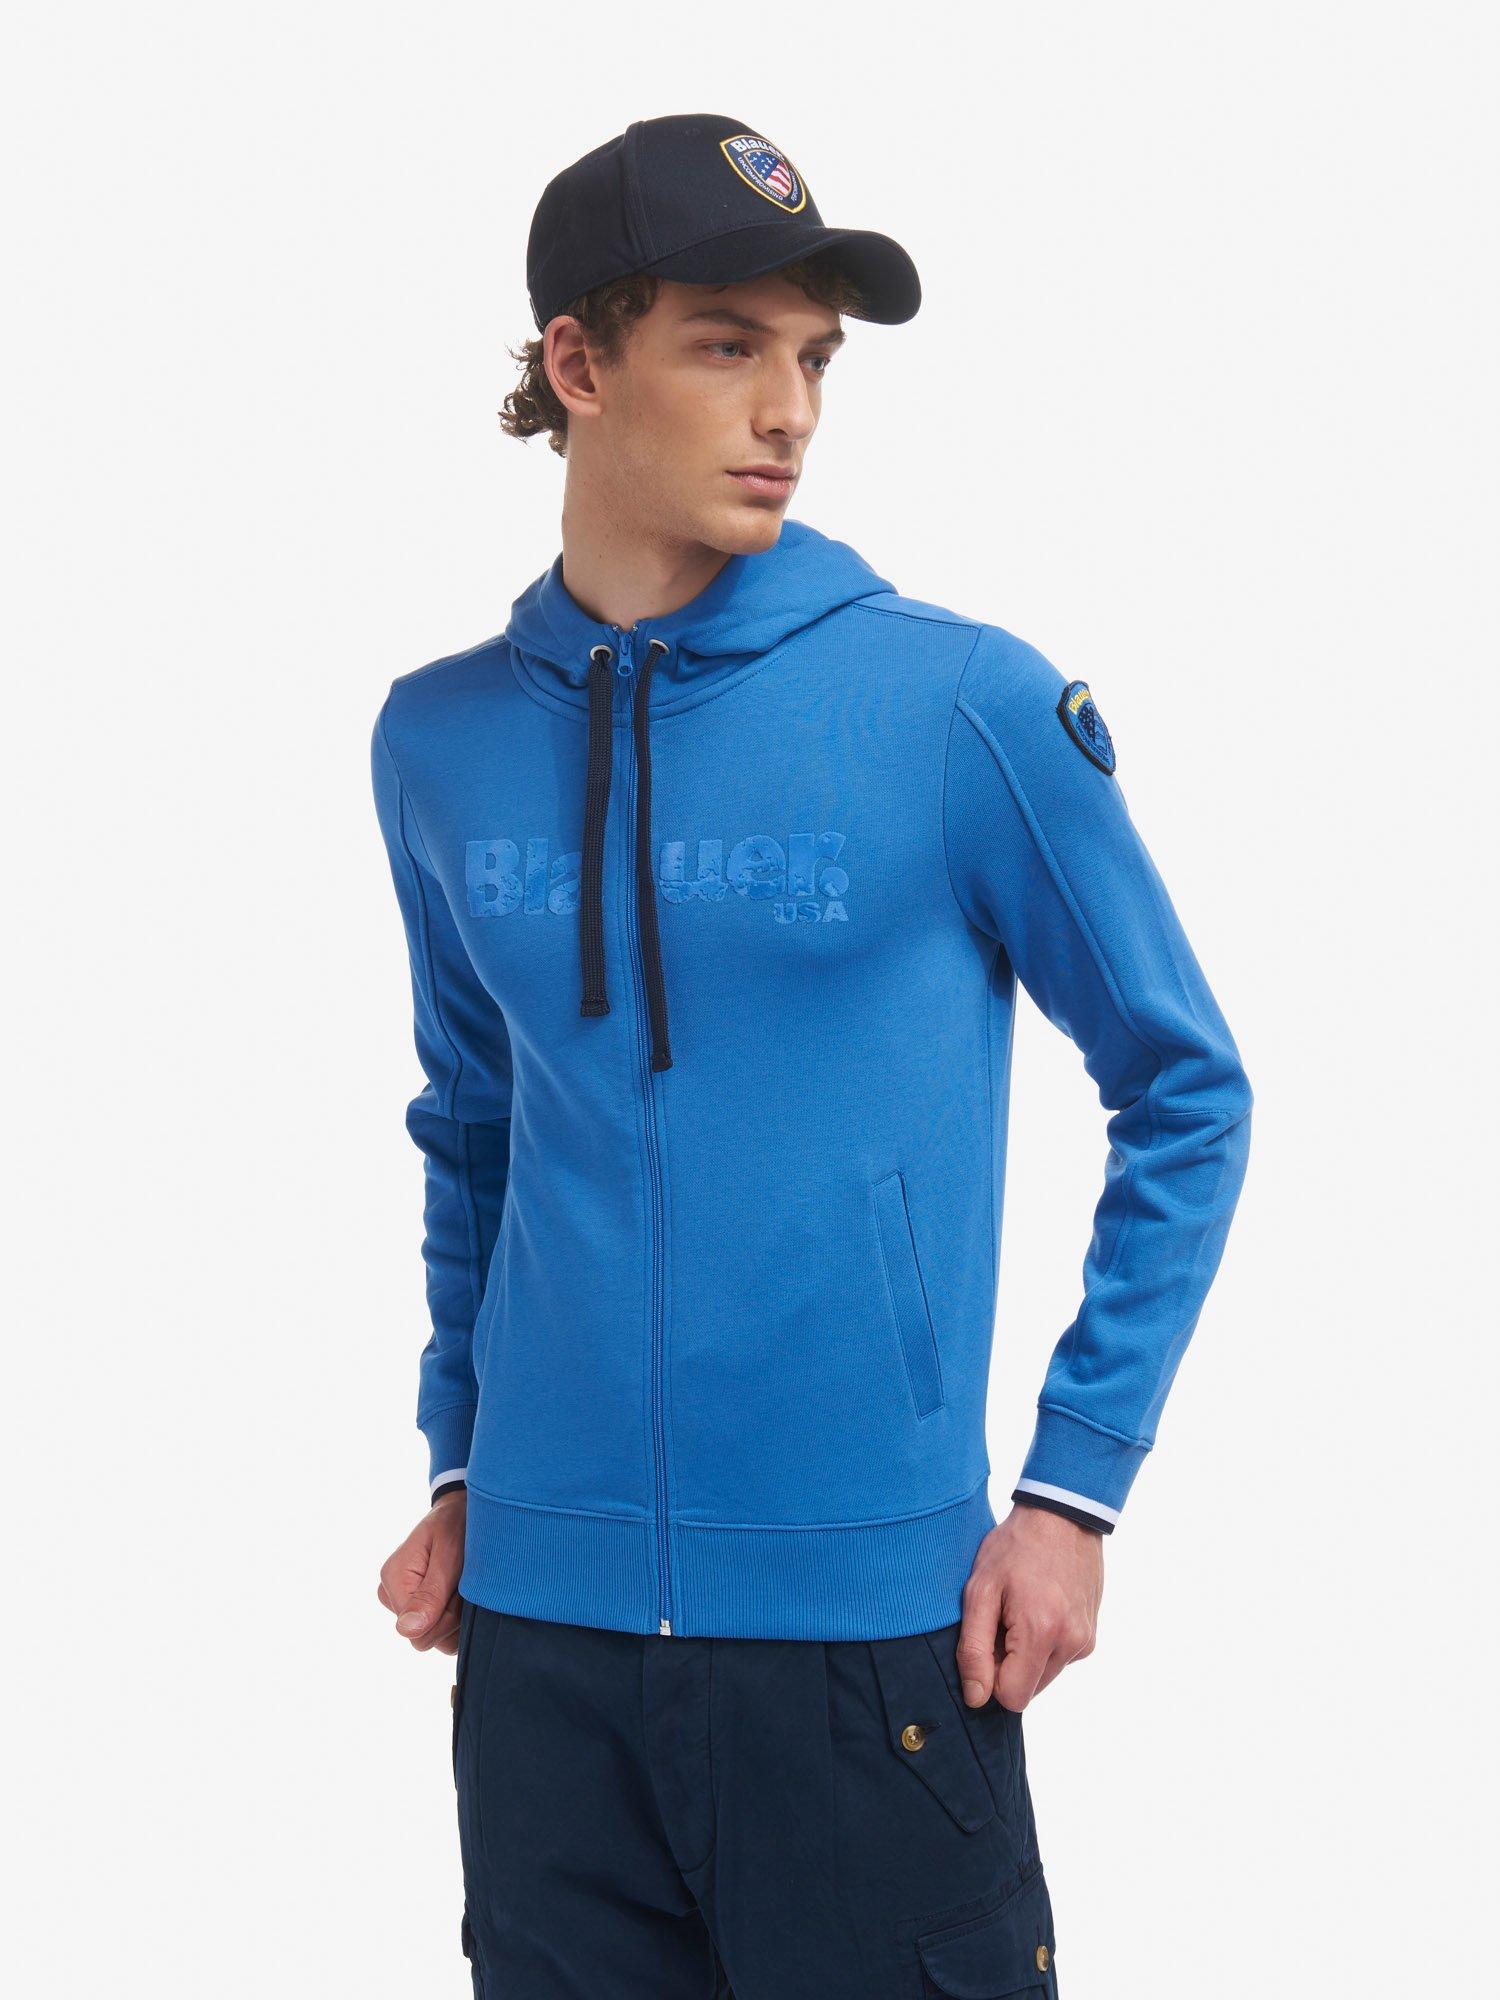 Blauer - VESTE MOLLETONNÉE AVEC CAPUCHE ET ZIP - Light Sapphire Blue - Blauer